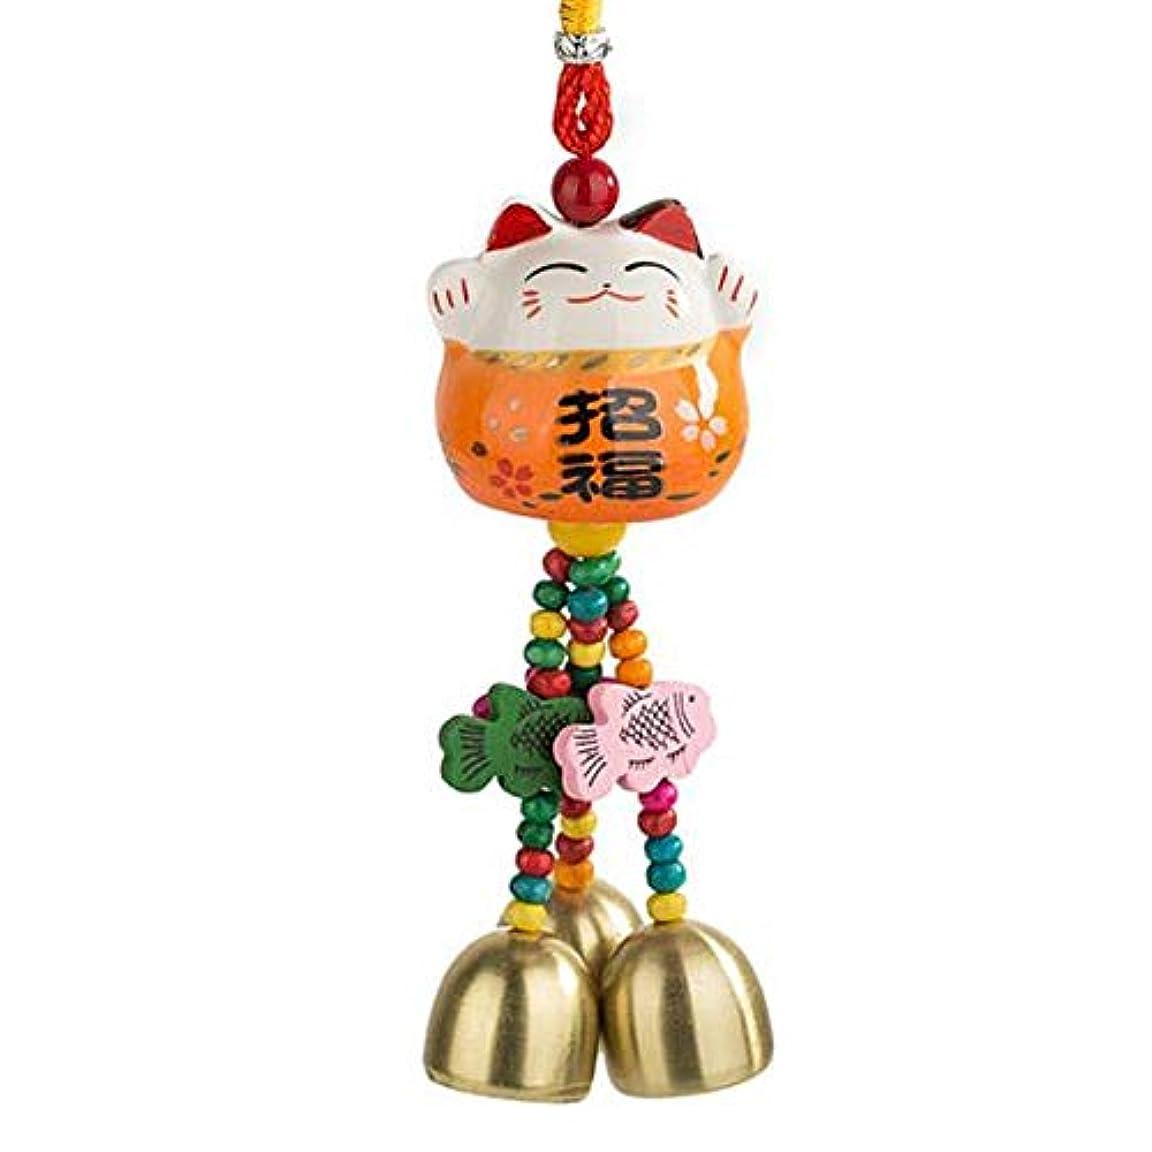 妨げる気体のうがい薬Fengshangshanghang 風チャイム、かわいいクリエイティブセラミック猫風の鐘、オレンジ、ロング28センチメートル,家の装飾 (Color : Orange)